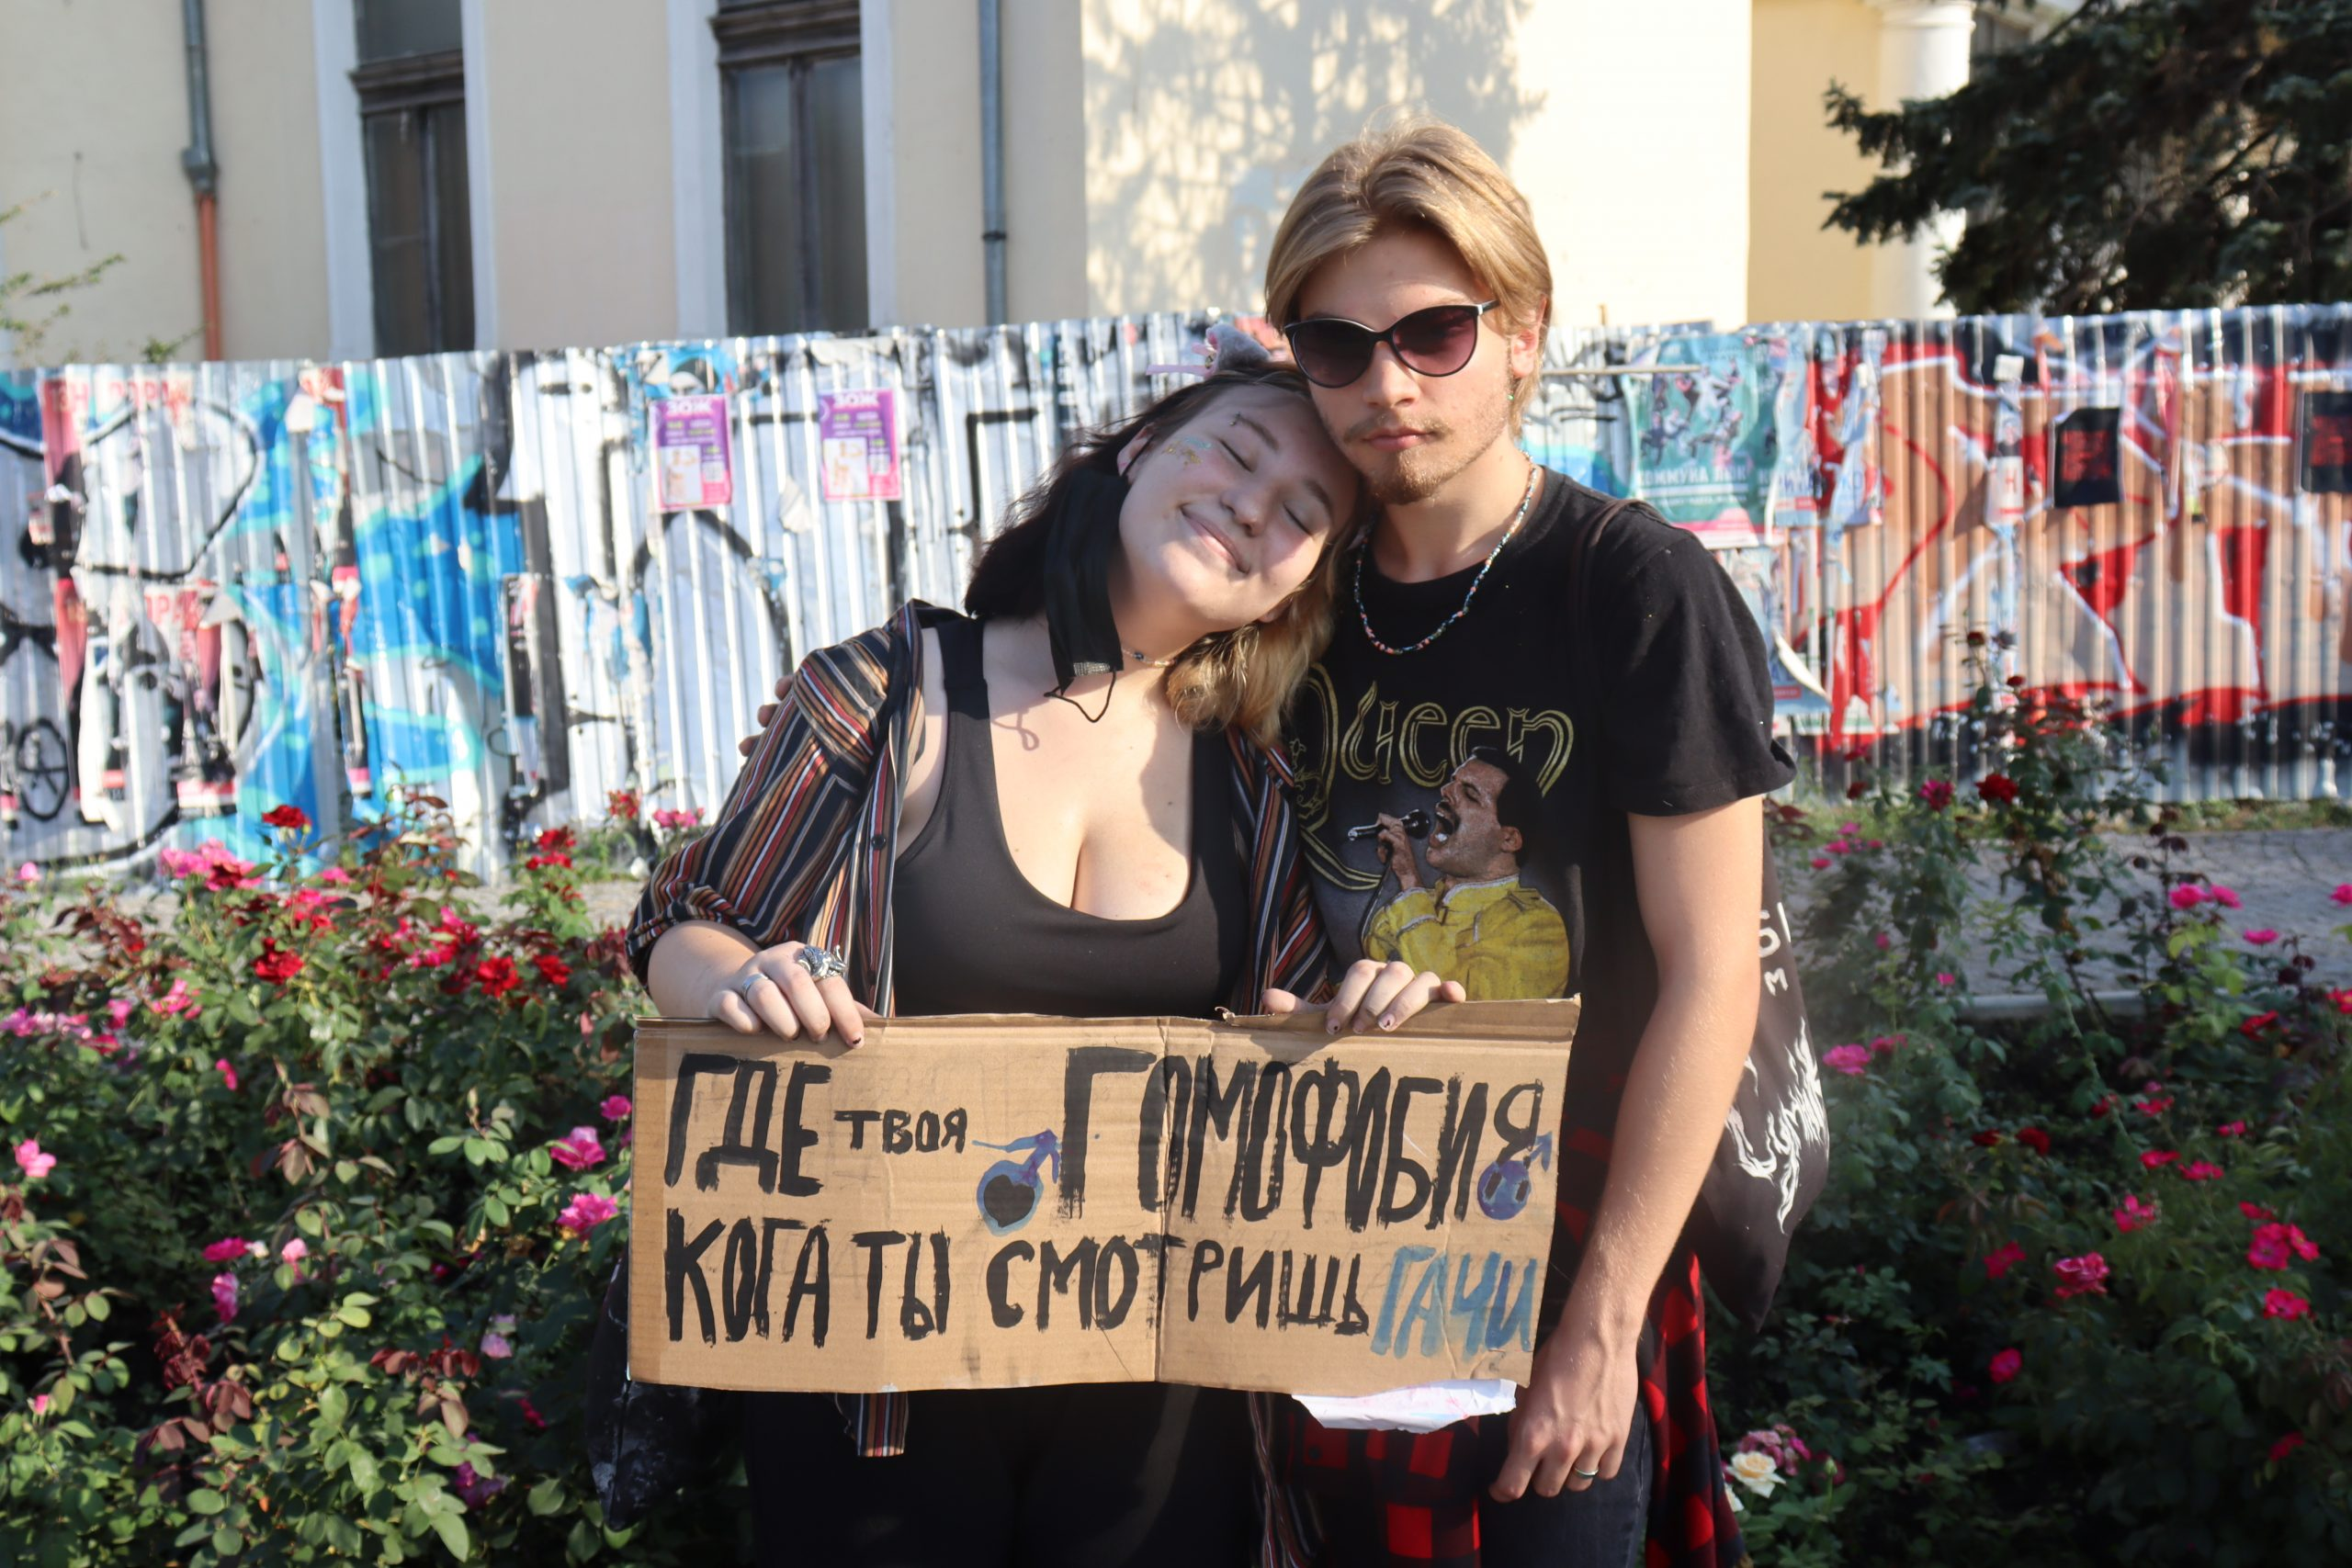 Фоторепортаж! Одесса Прайд 2021